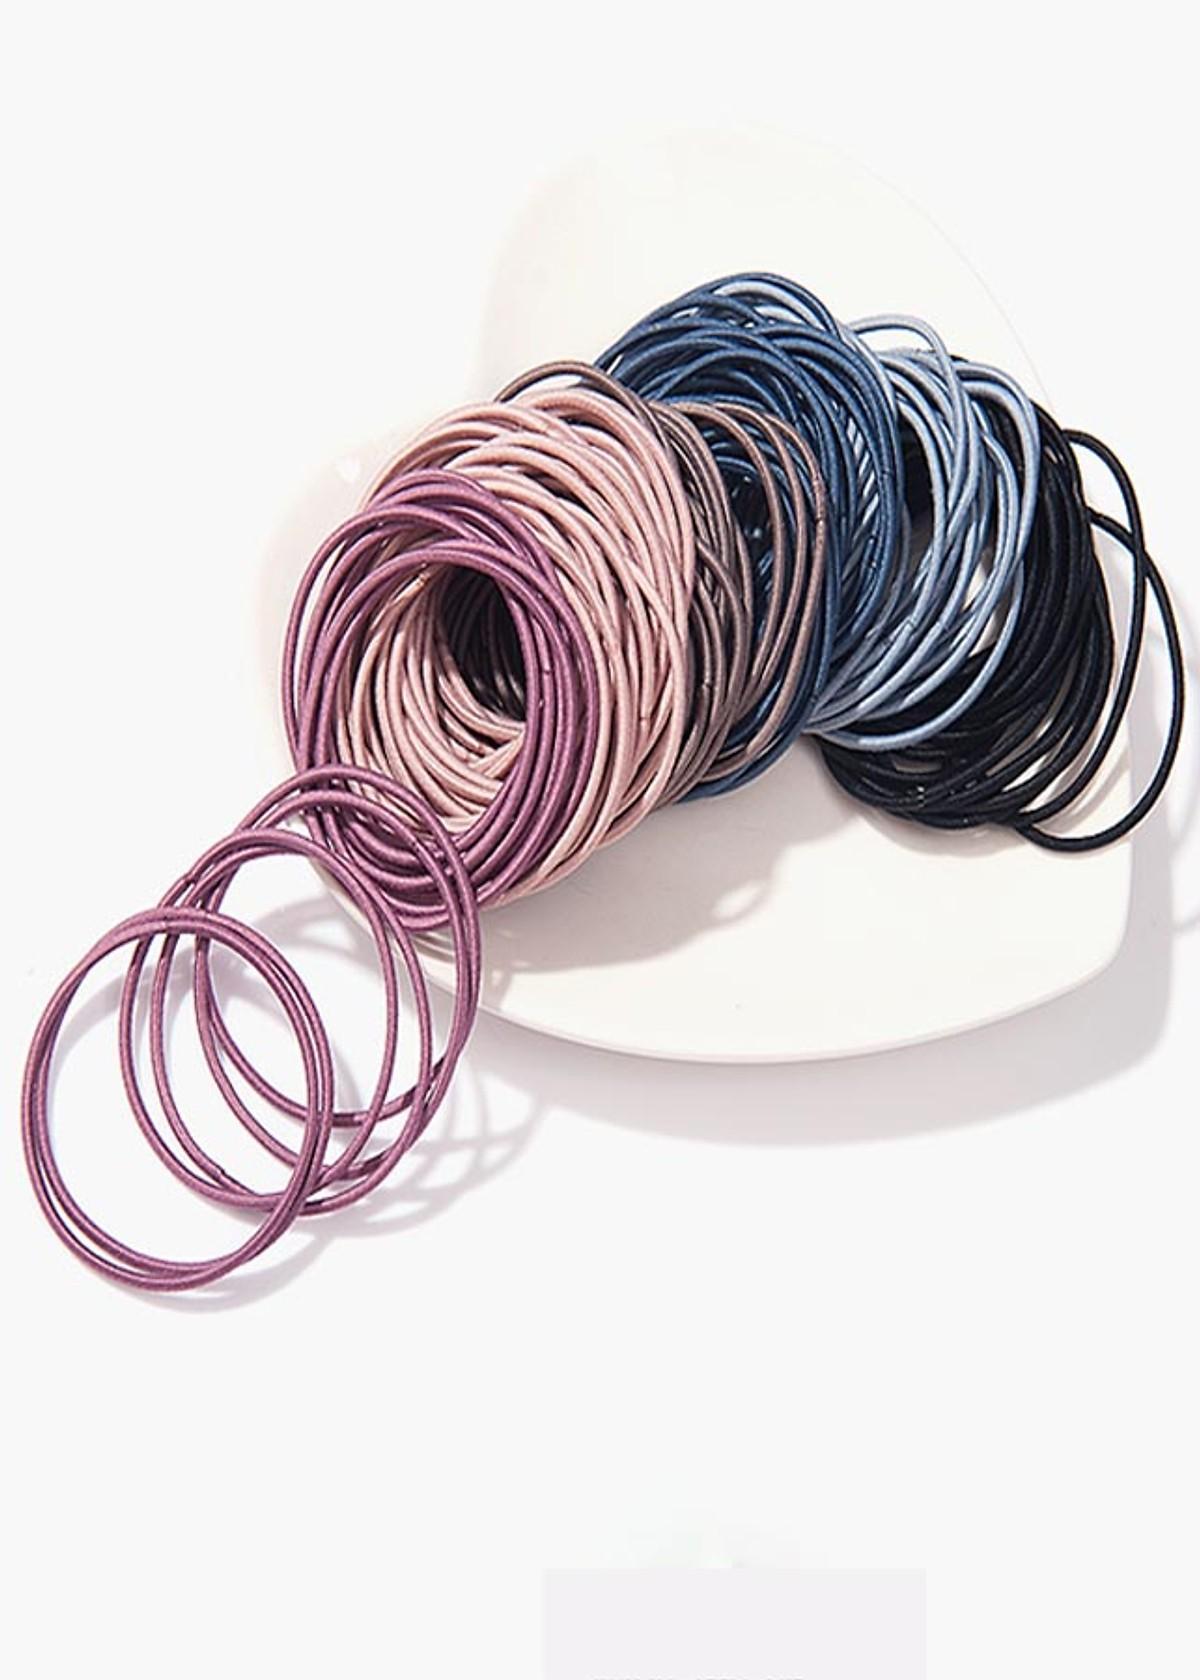 Giá bán Set 100 dây cột tóc trơn đơn giản, tiện lợi - màu ngẫu nhiên